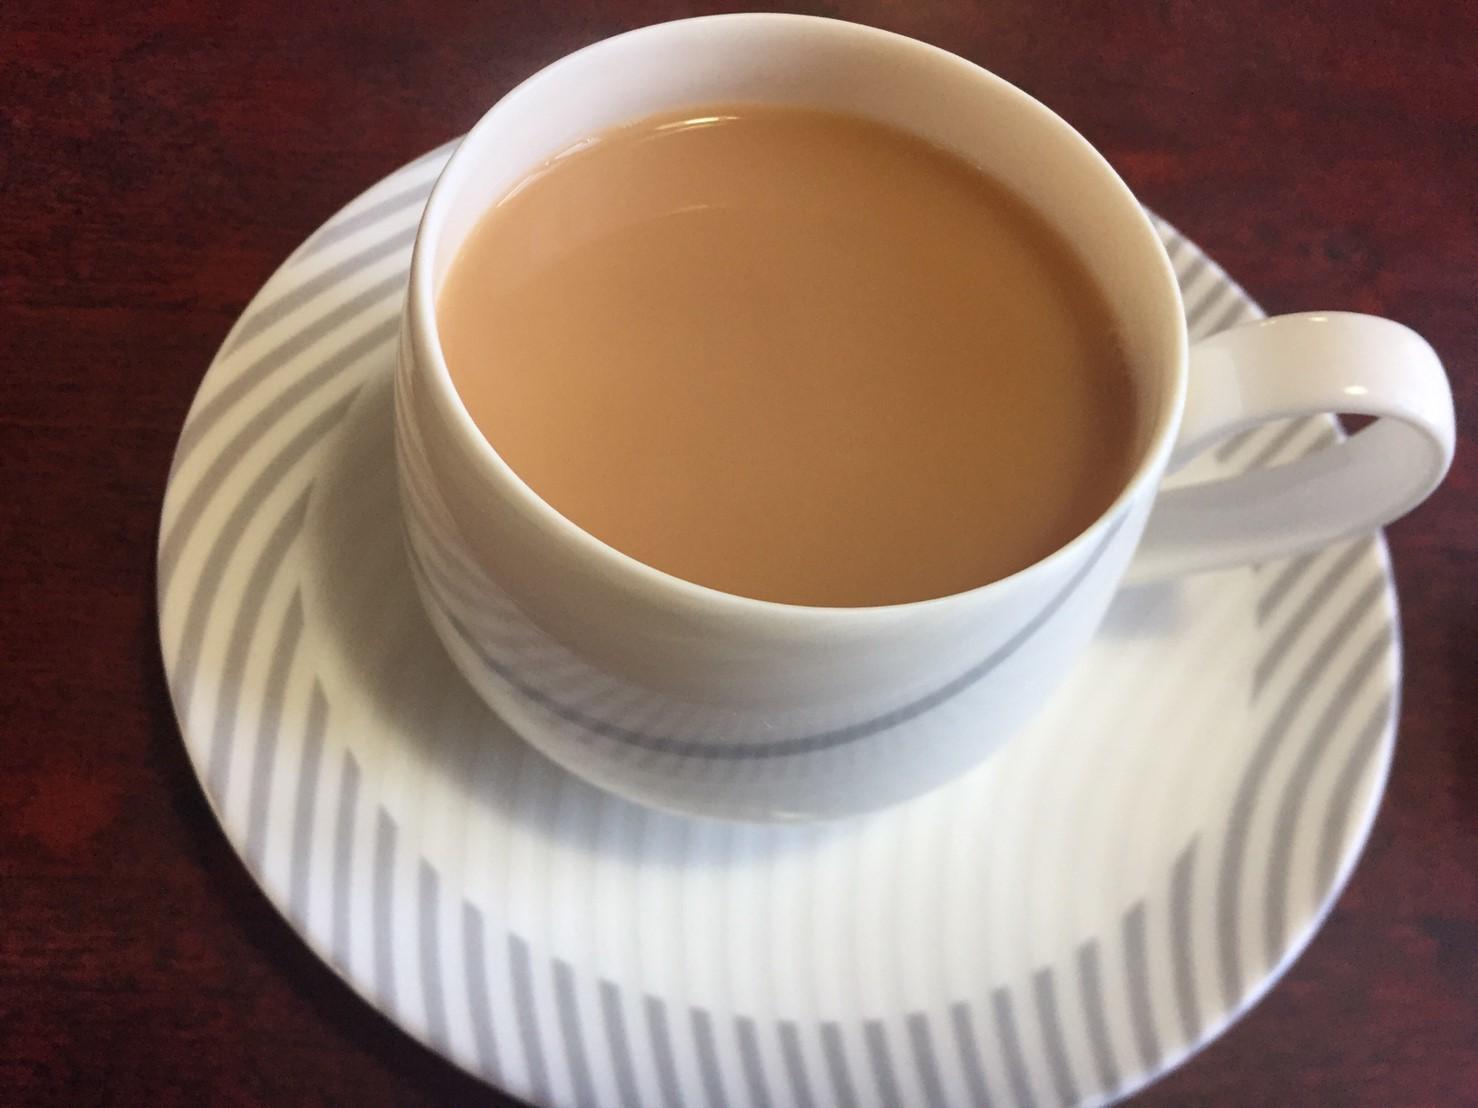 喫茶フォルダー 10_e0115904_14001104.jpg